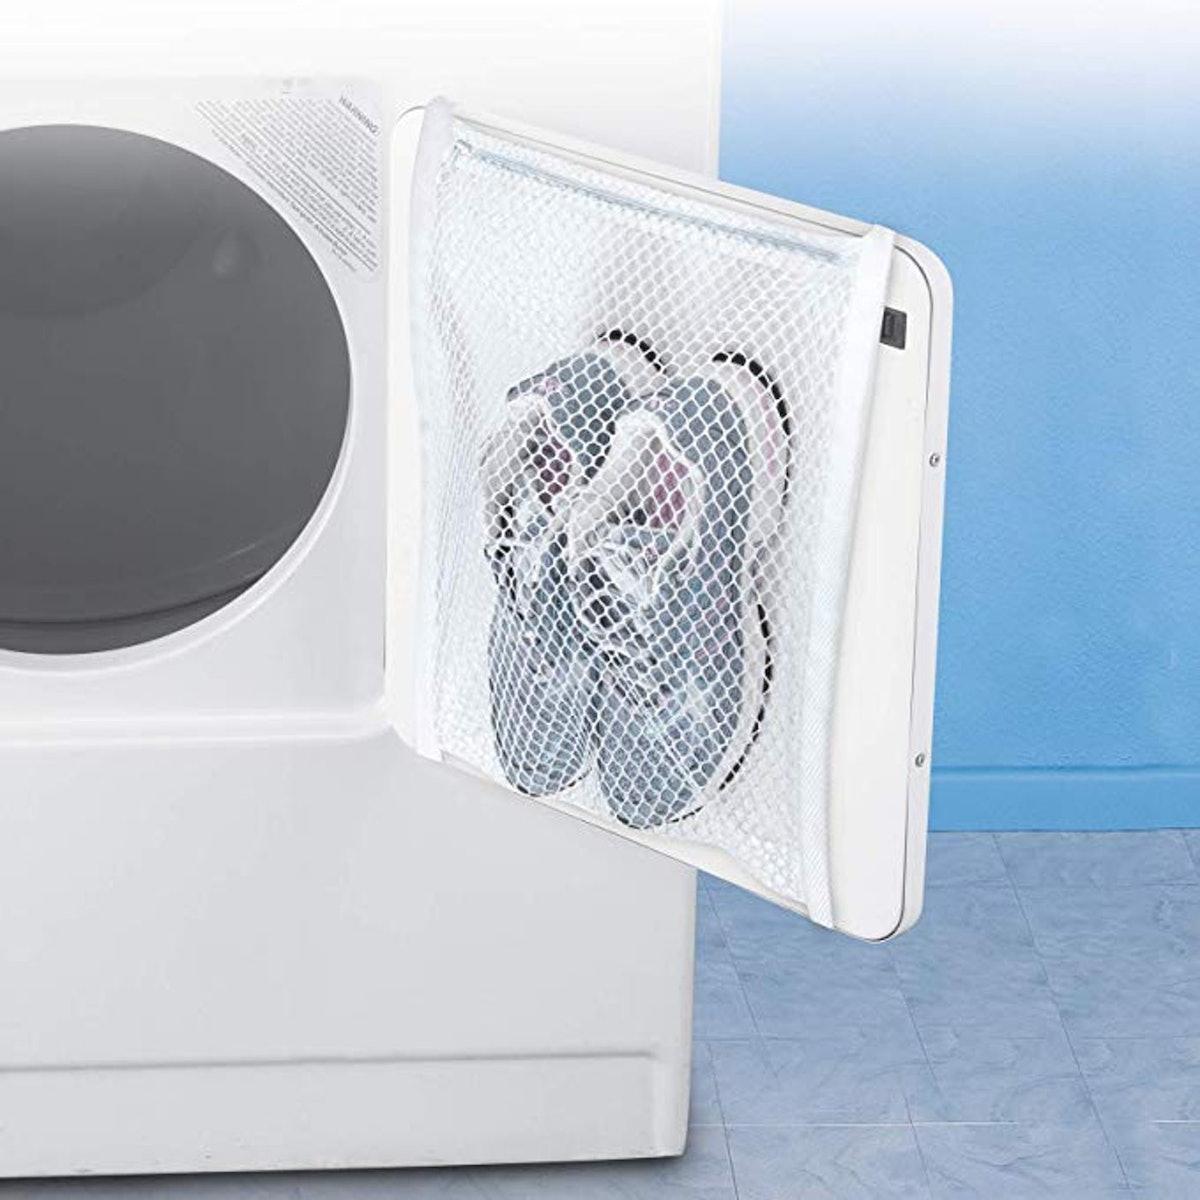 Smart Design Sneaker Dryer